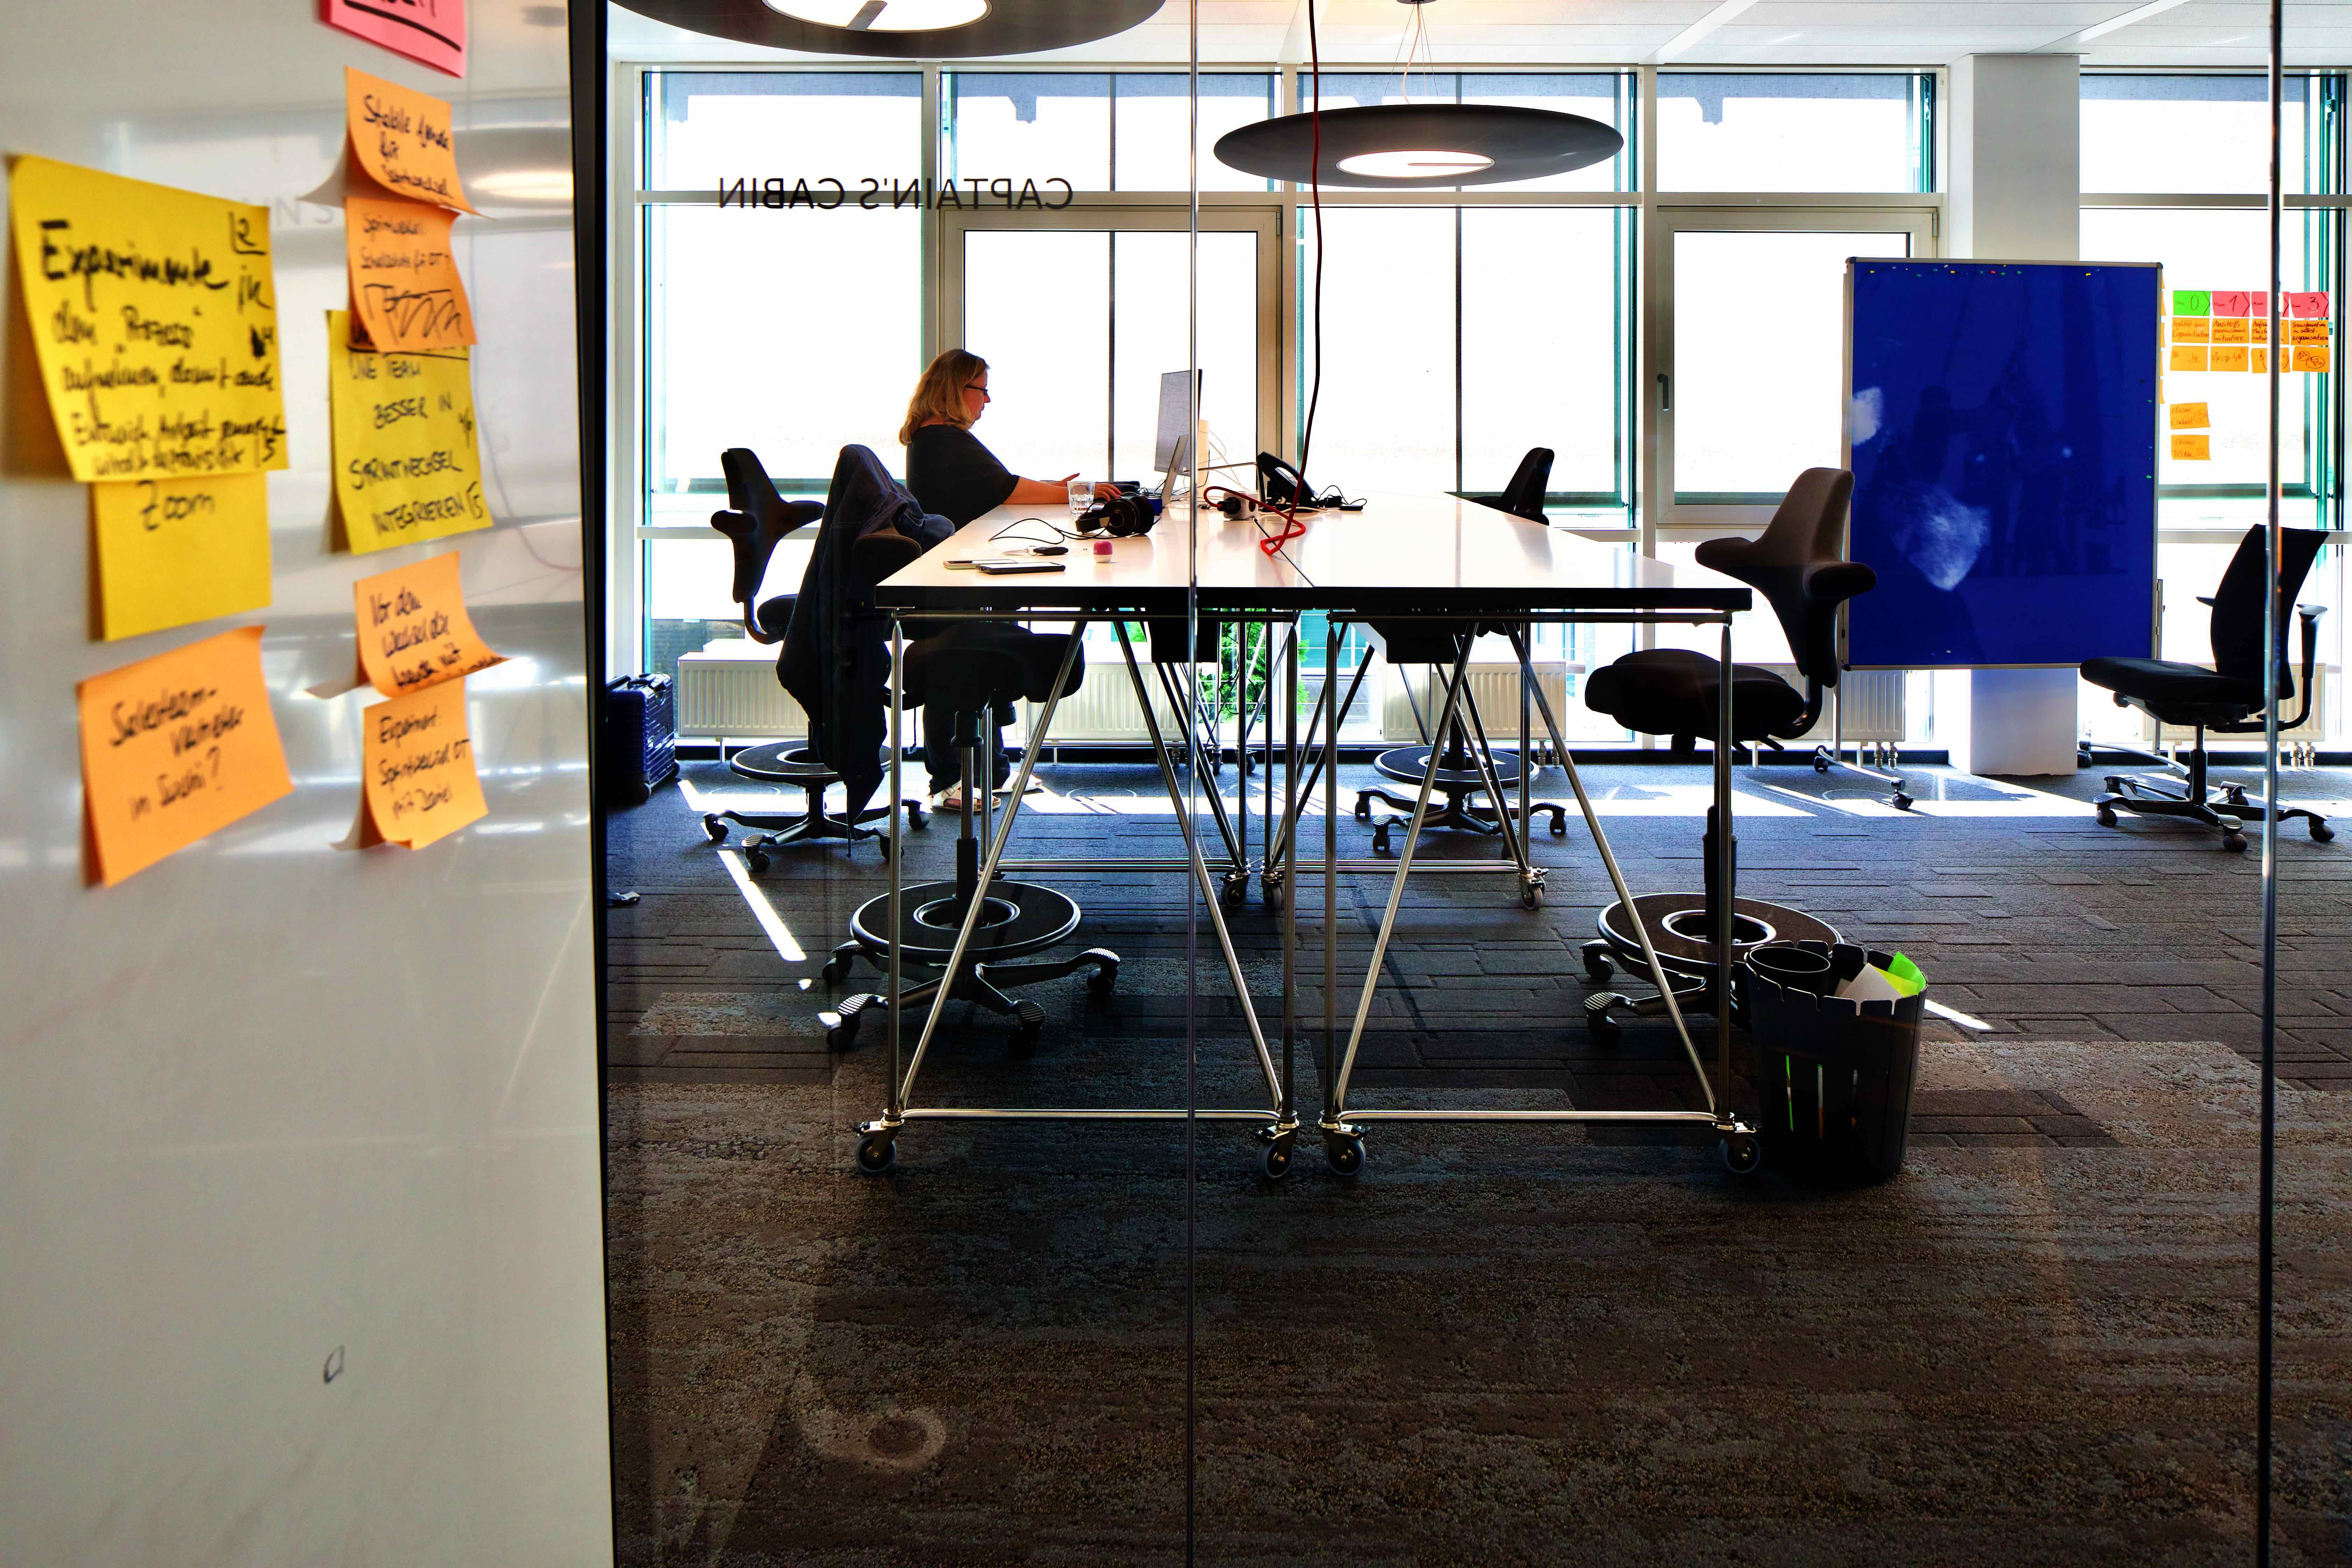 Blick in ein Großraumbüro mit hohen Tischen auf Rollen, Stühlen auf Rollen, und anderem Arbeitsmaterial auf Rollen